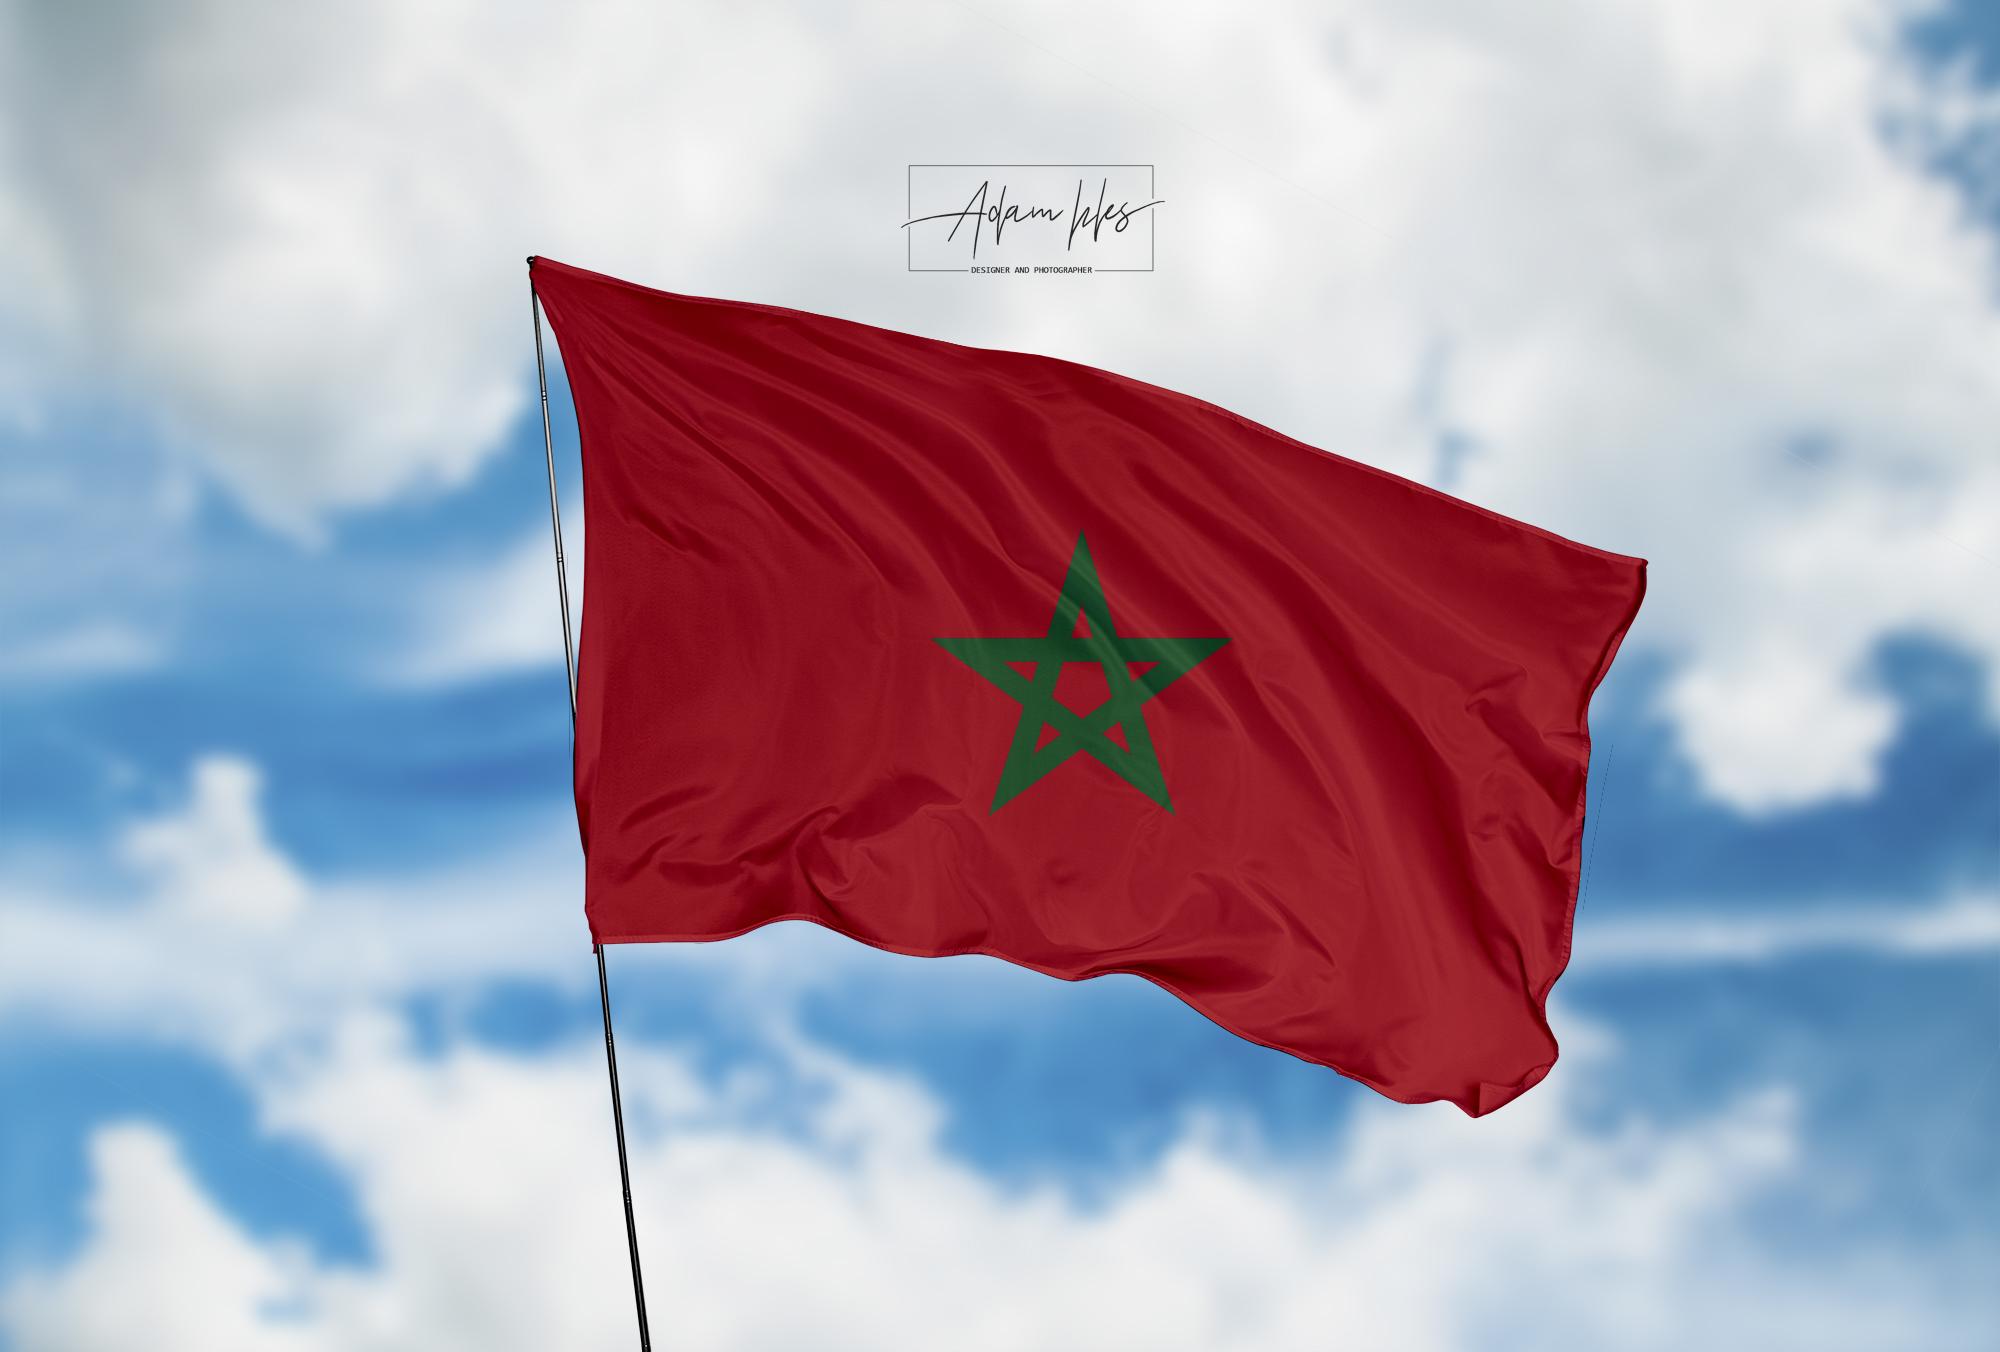 تحميل اجمل خلفية علم المغرب يرفرف في السماء - اجمل خلفيات المغرب الرائعة